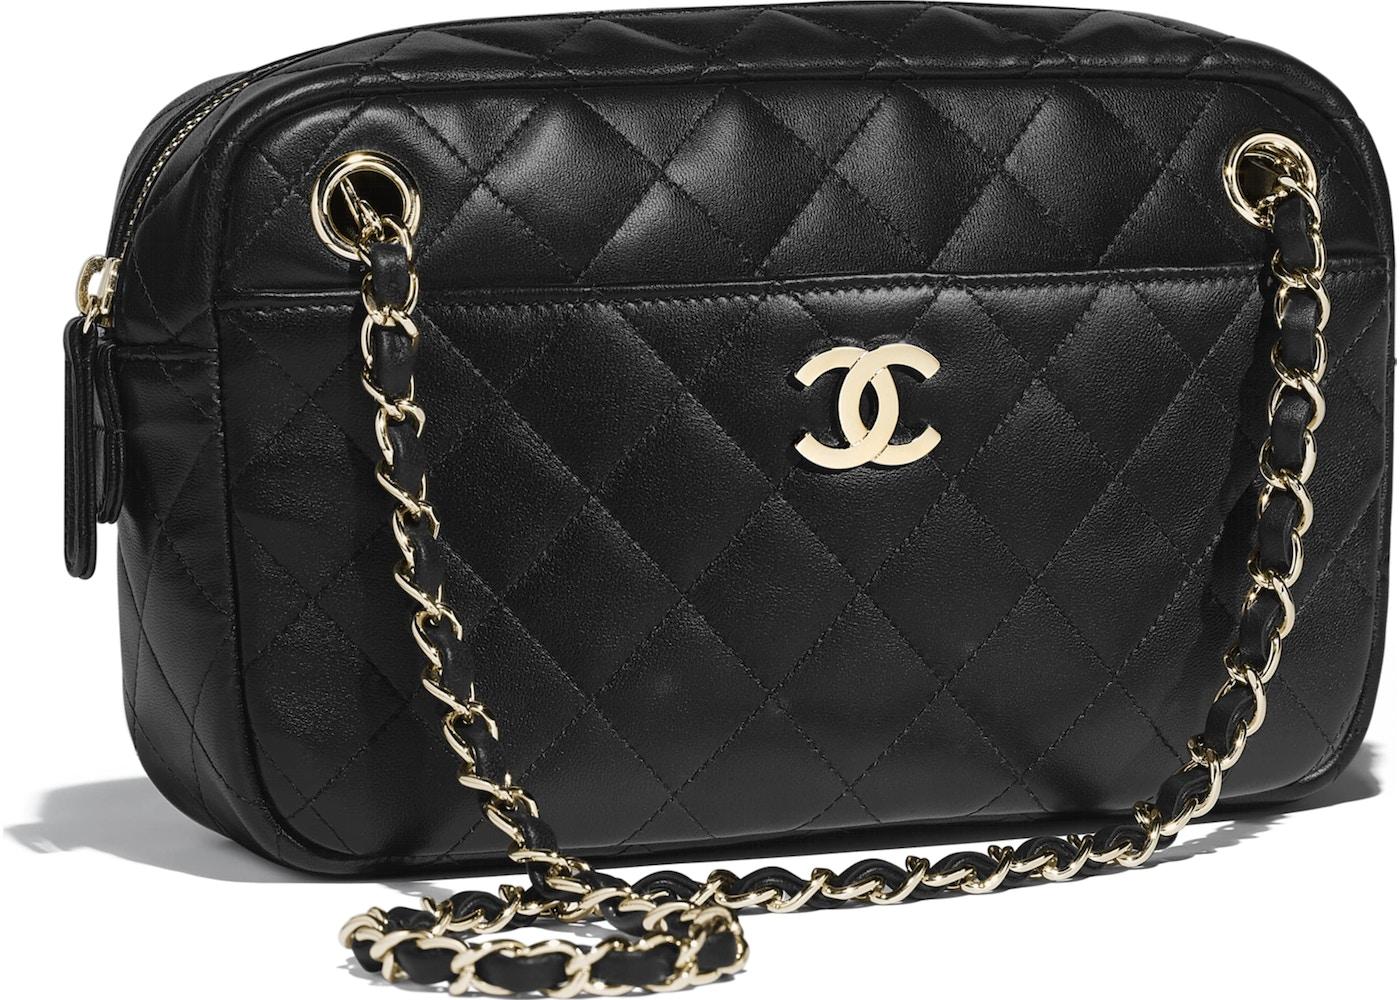 273487f86737 Buy & Sell Chanel Camera Handbags - Most Popular